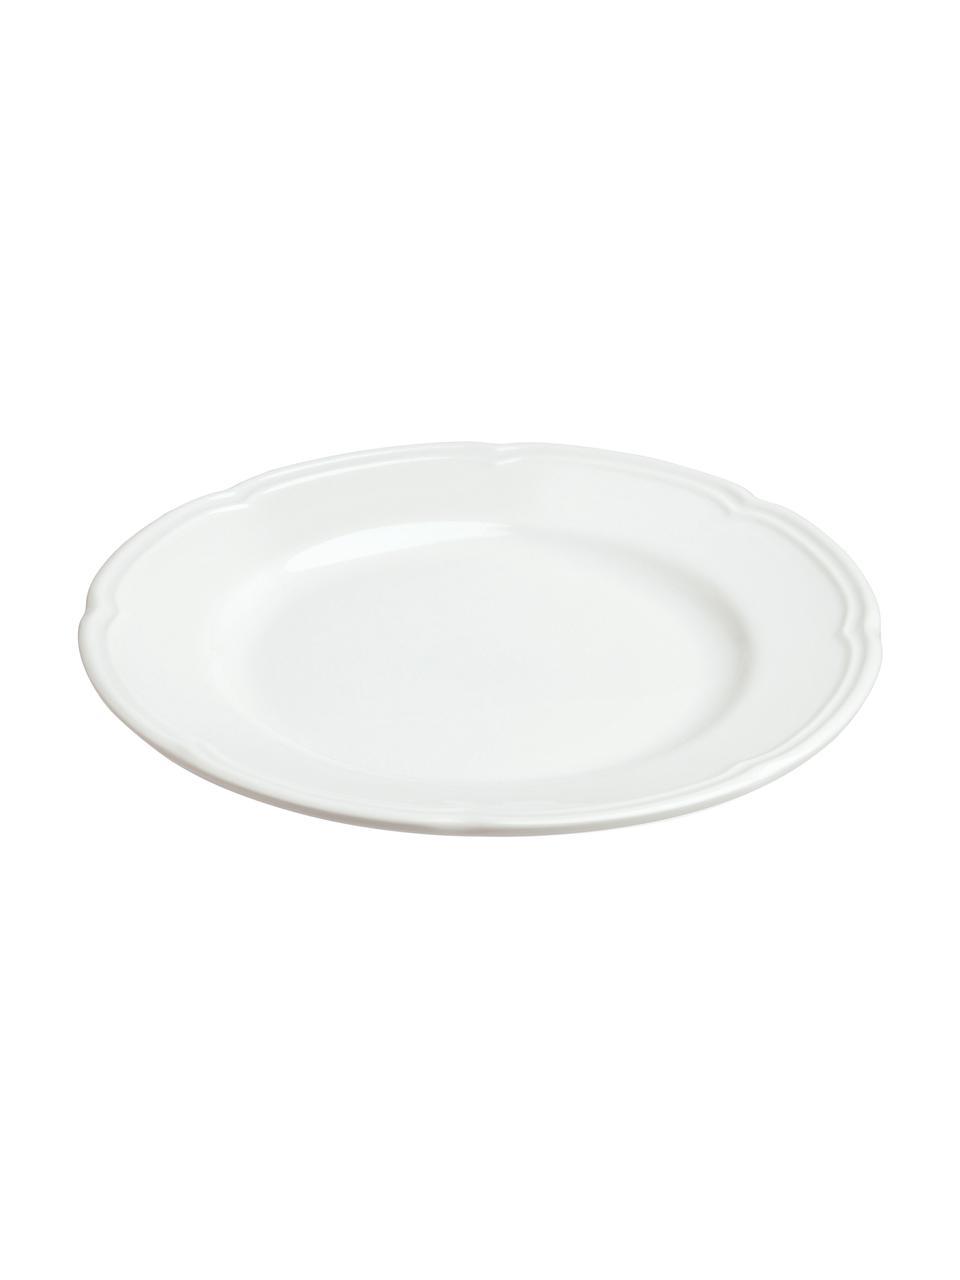 Talerz śniadaniowy z porcelany Ouverture, 6 szt., Porcelana, Biały, Ø 19 cm